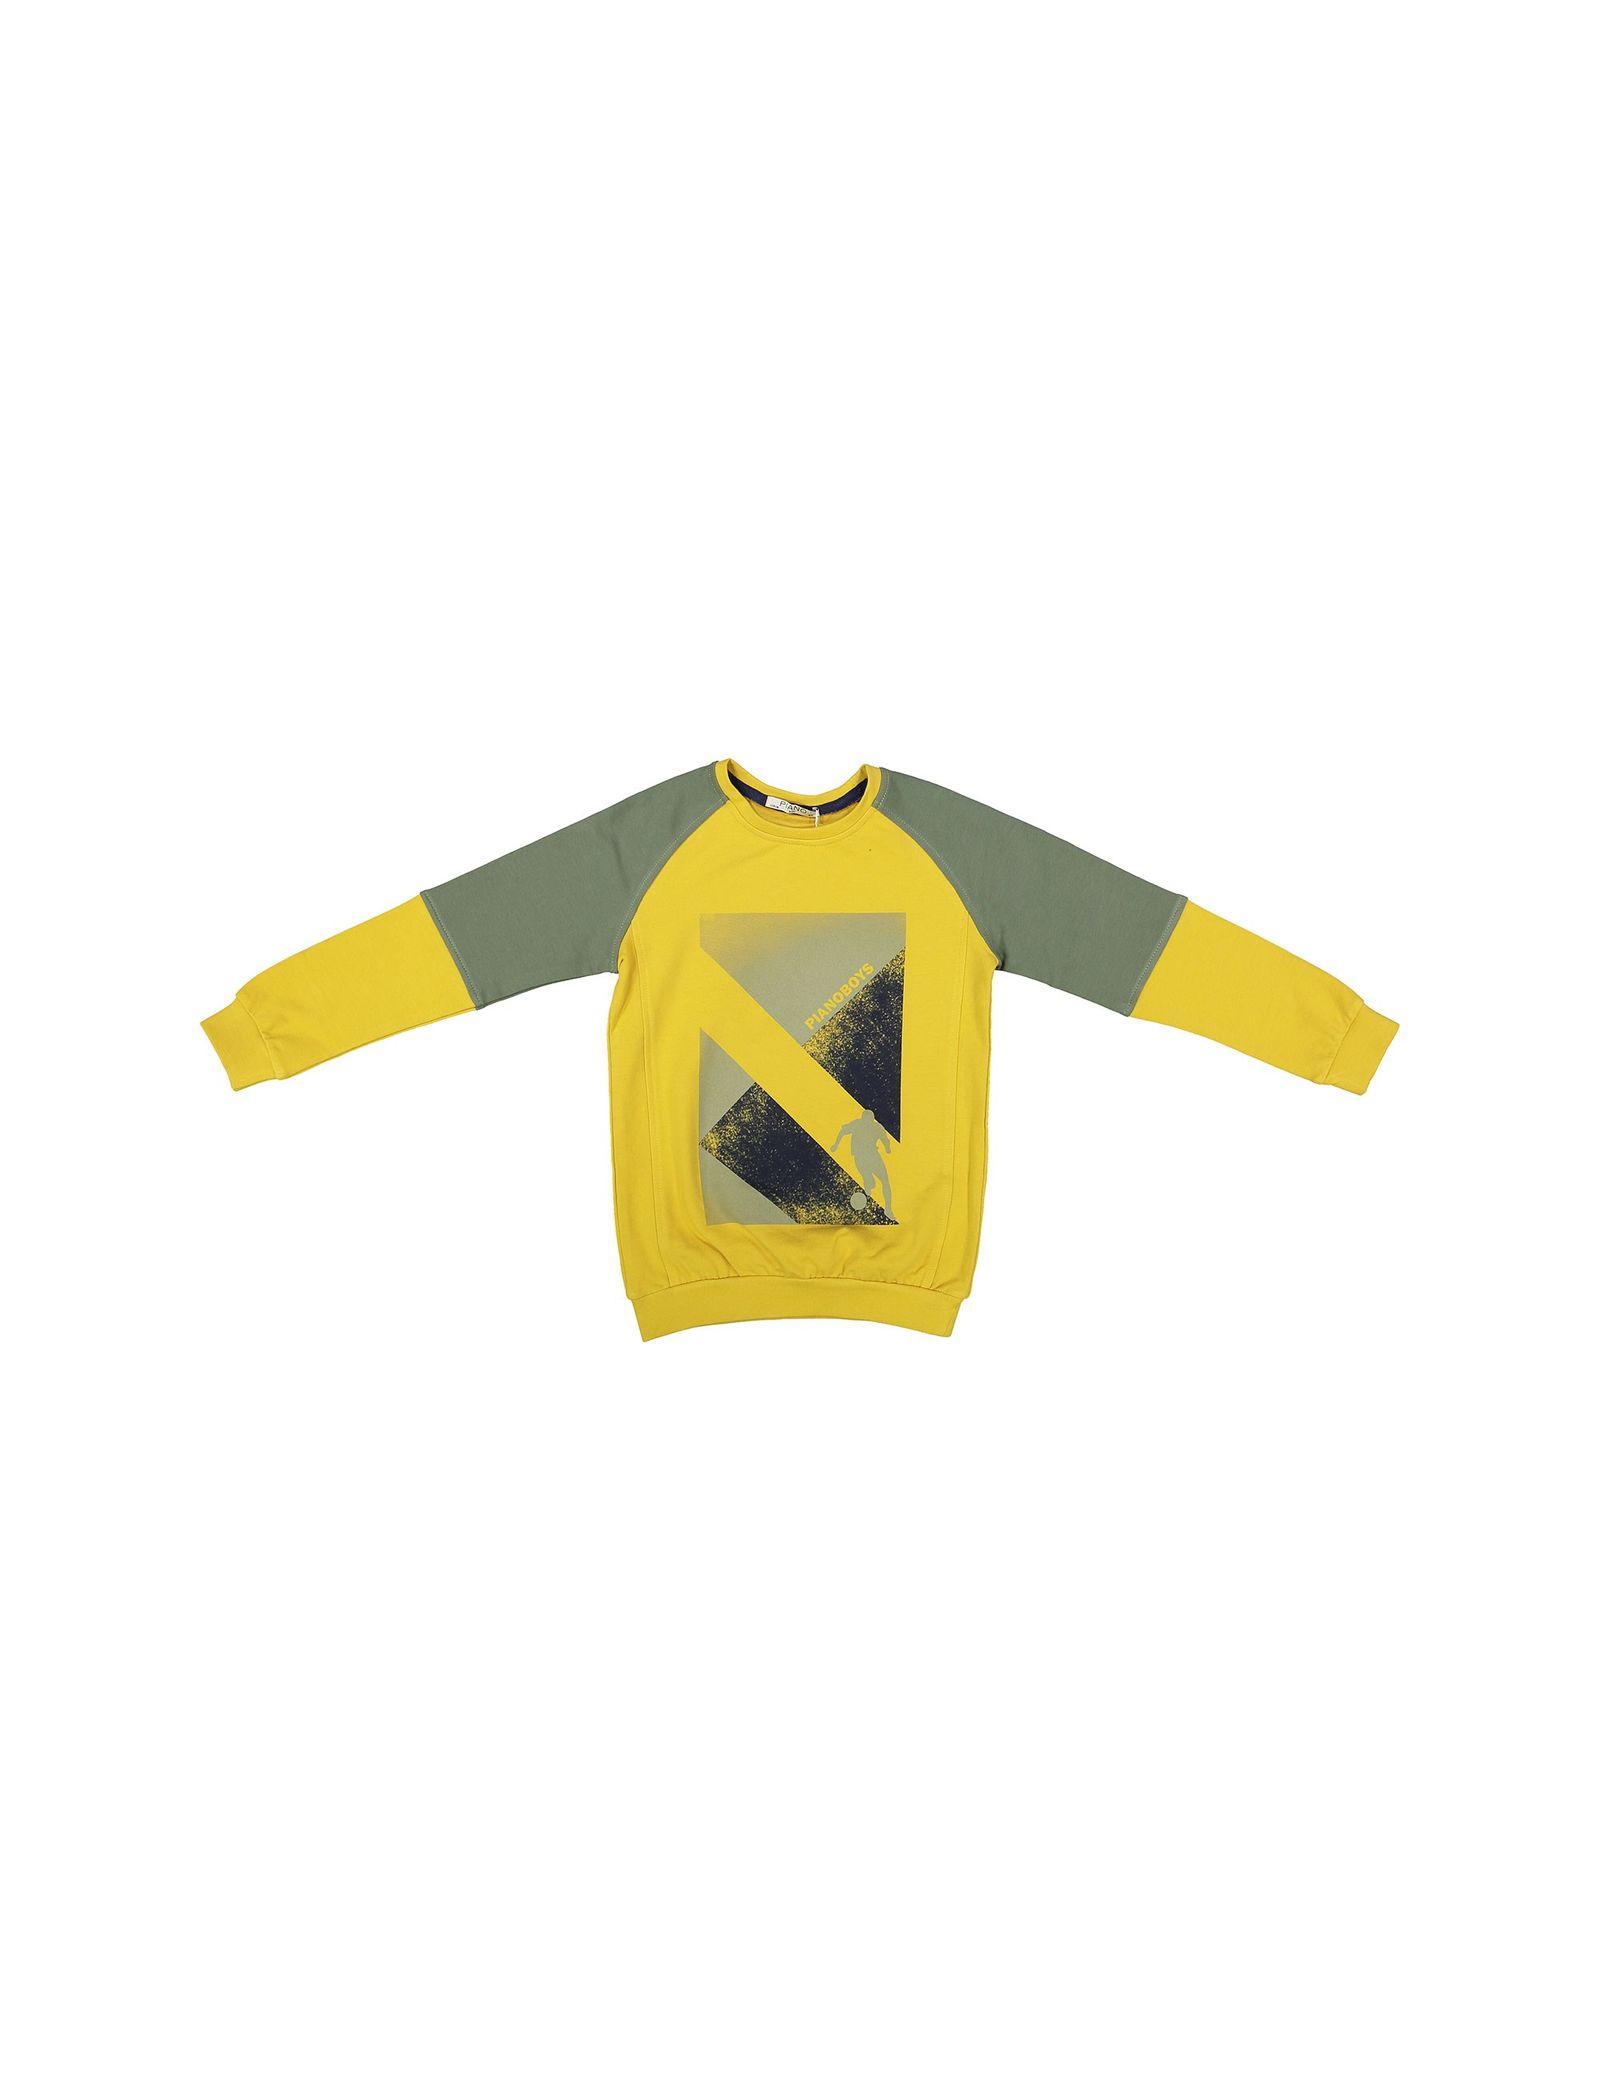 پیراهن و شلوار پسرانه - پیانو - زرد - 2